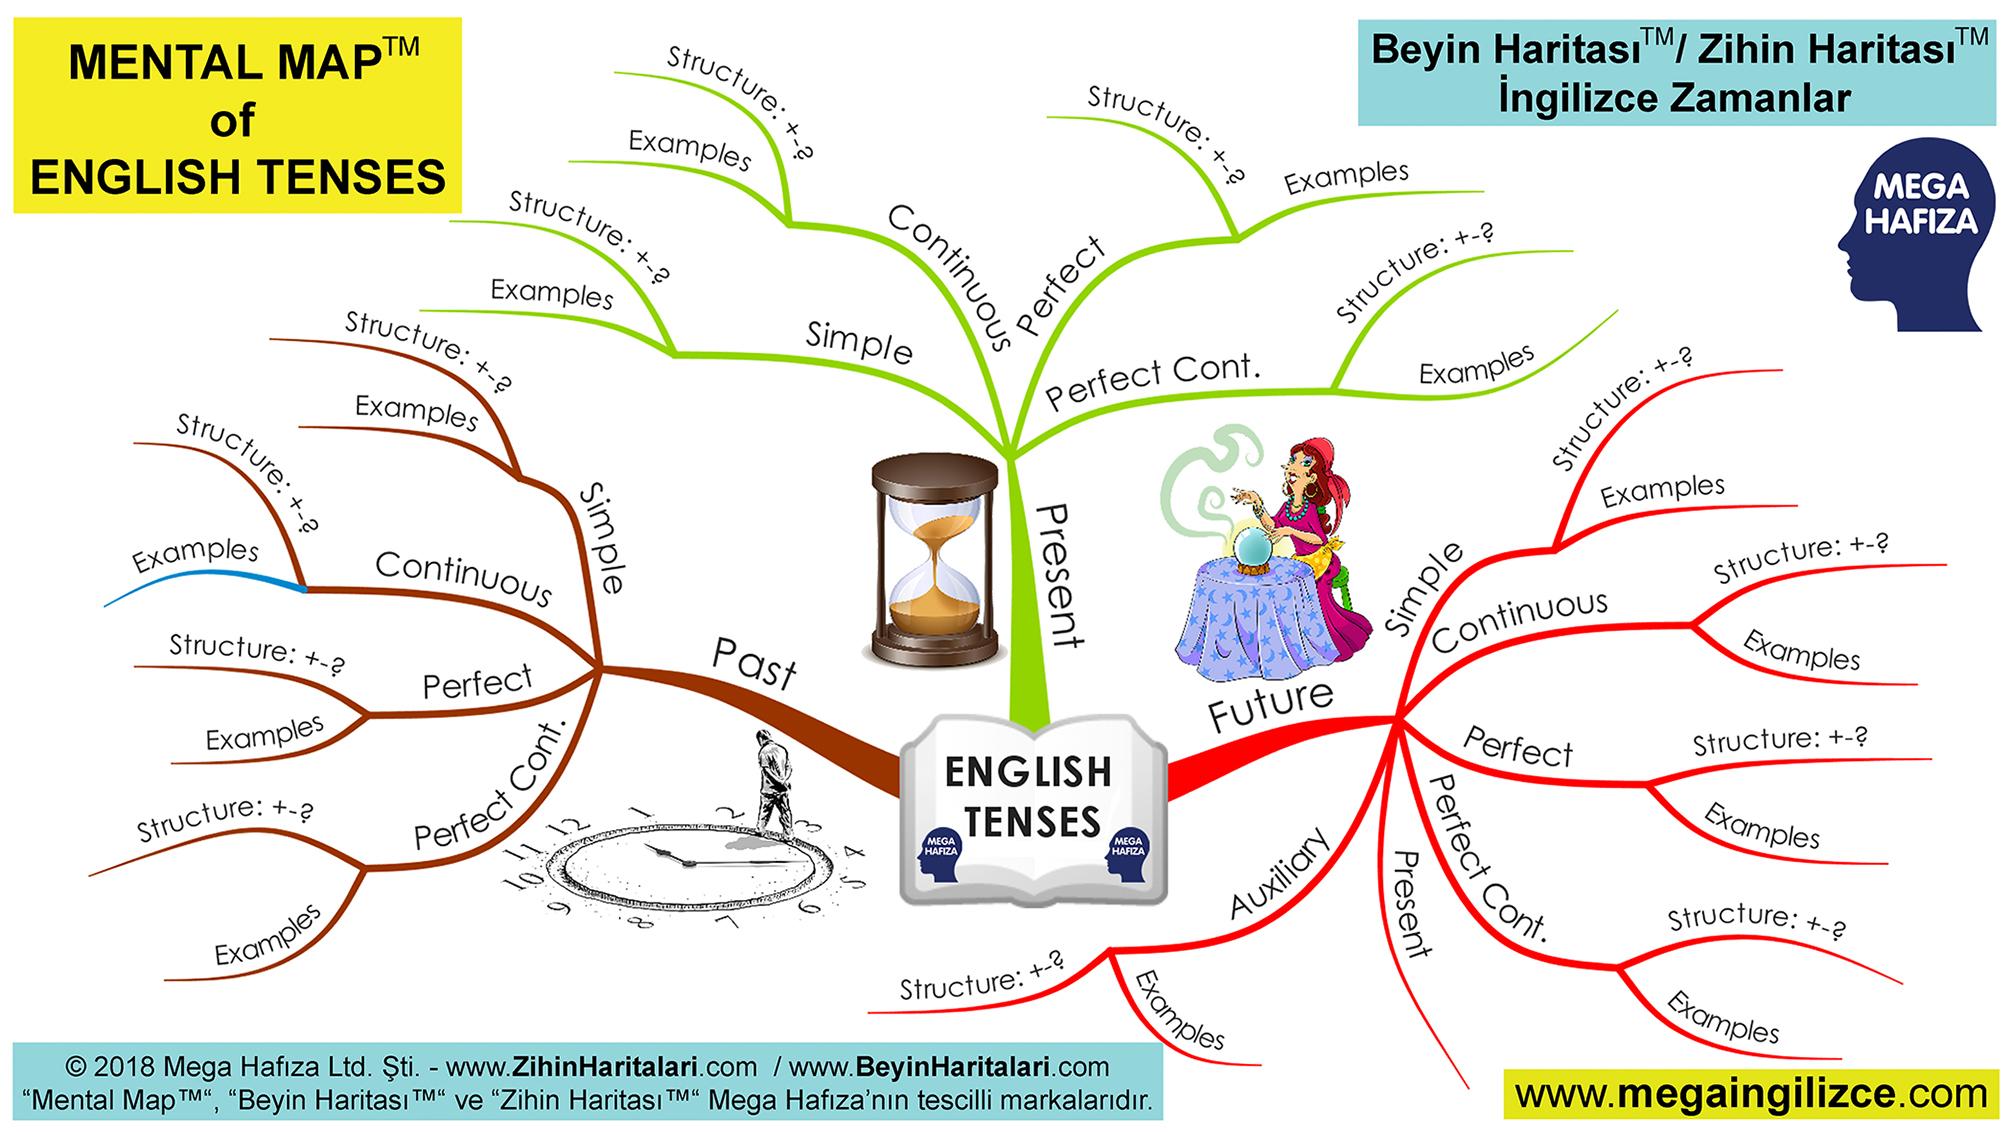 Tüm İngilizce Zamanlar - English Tenses